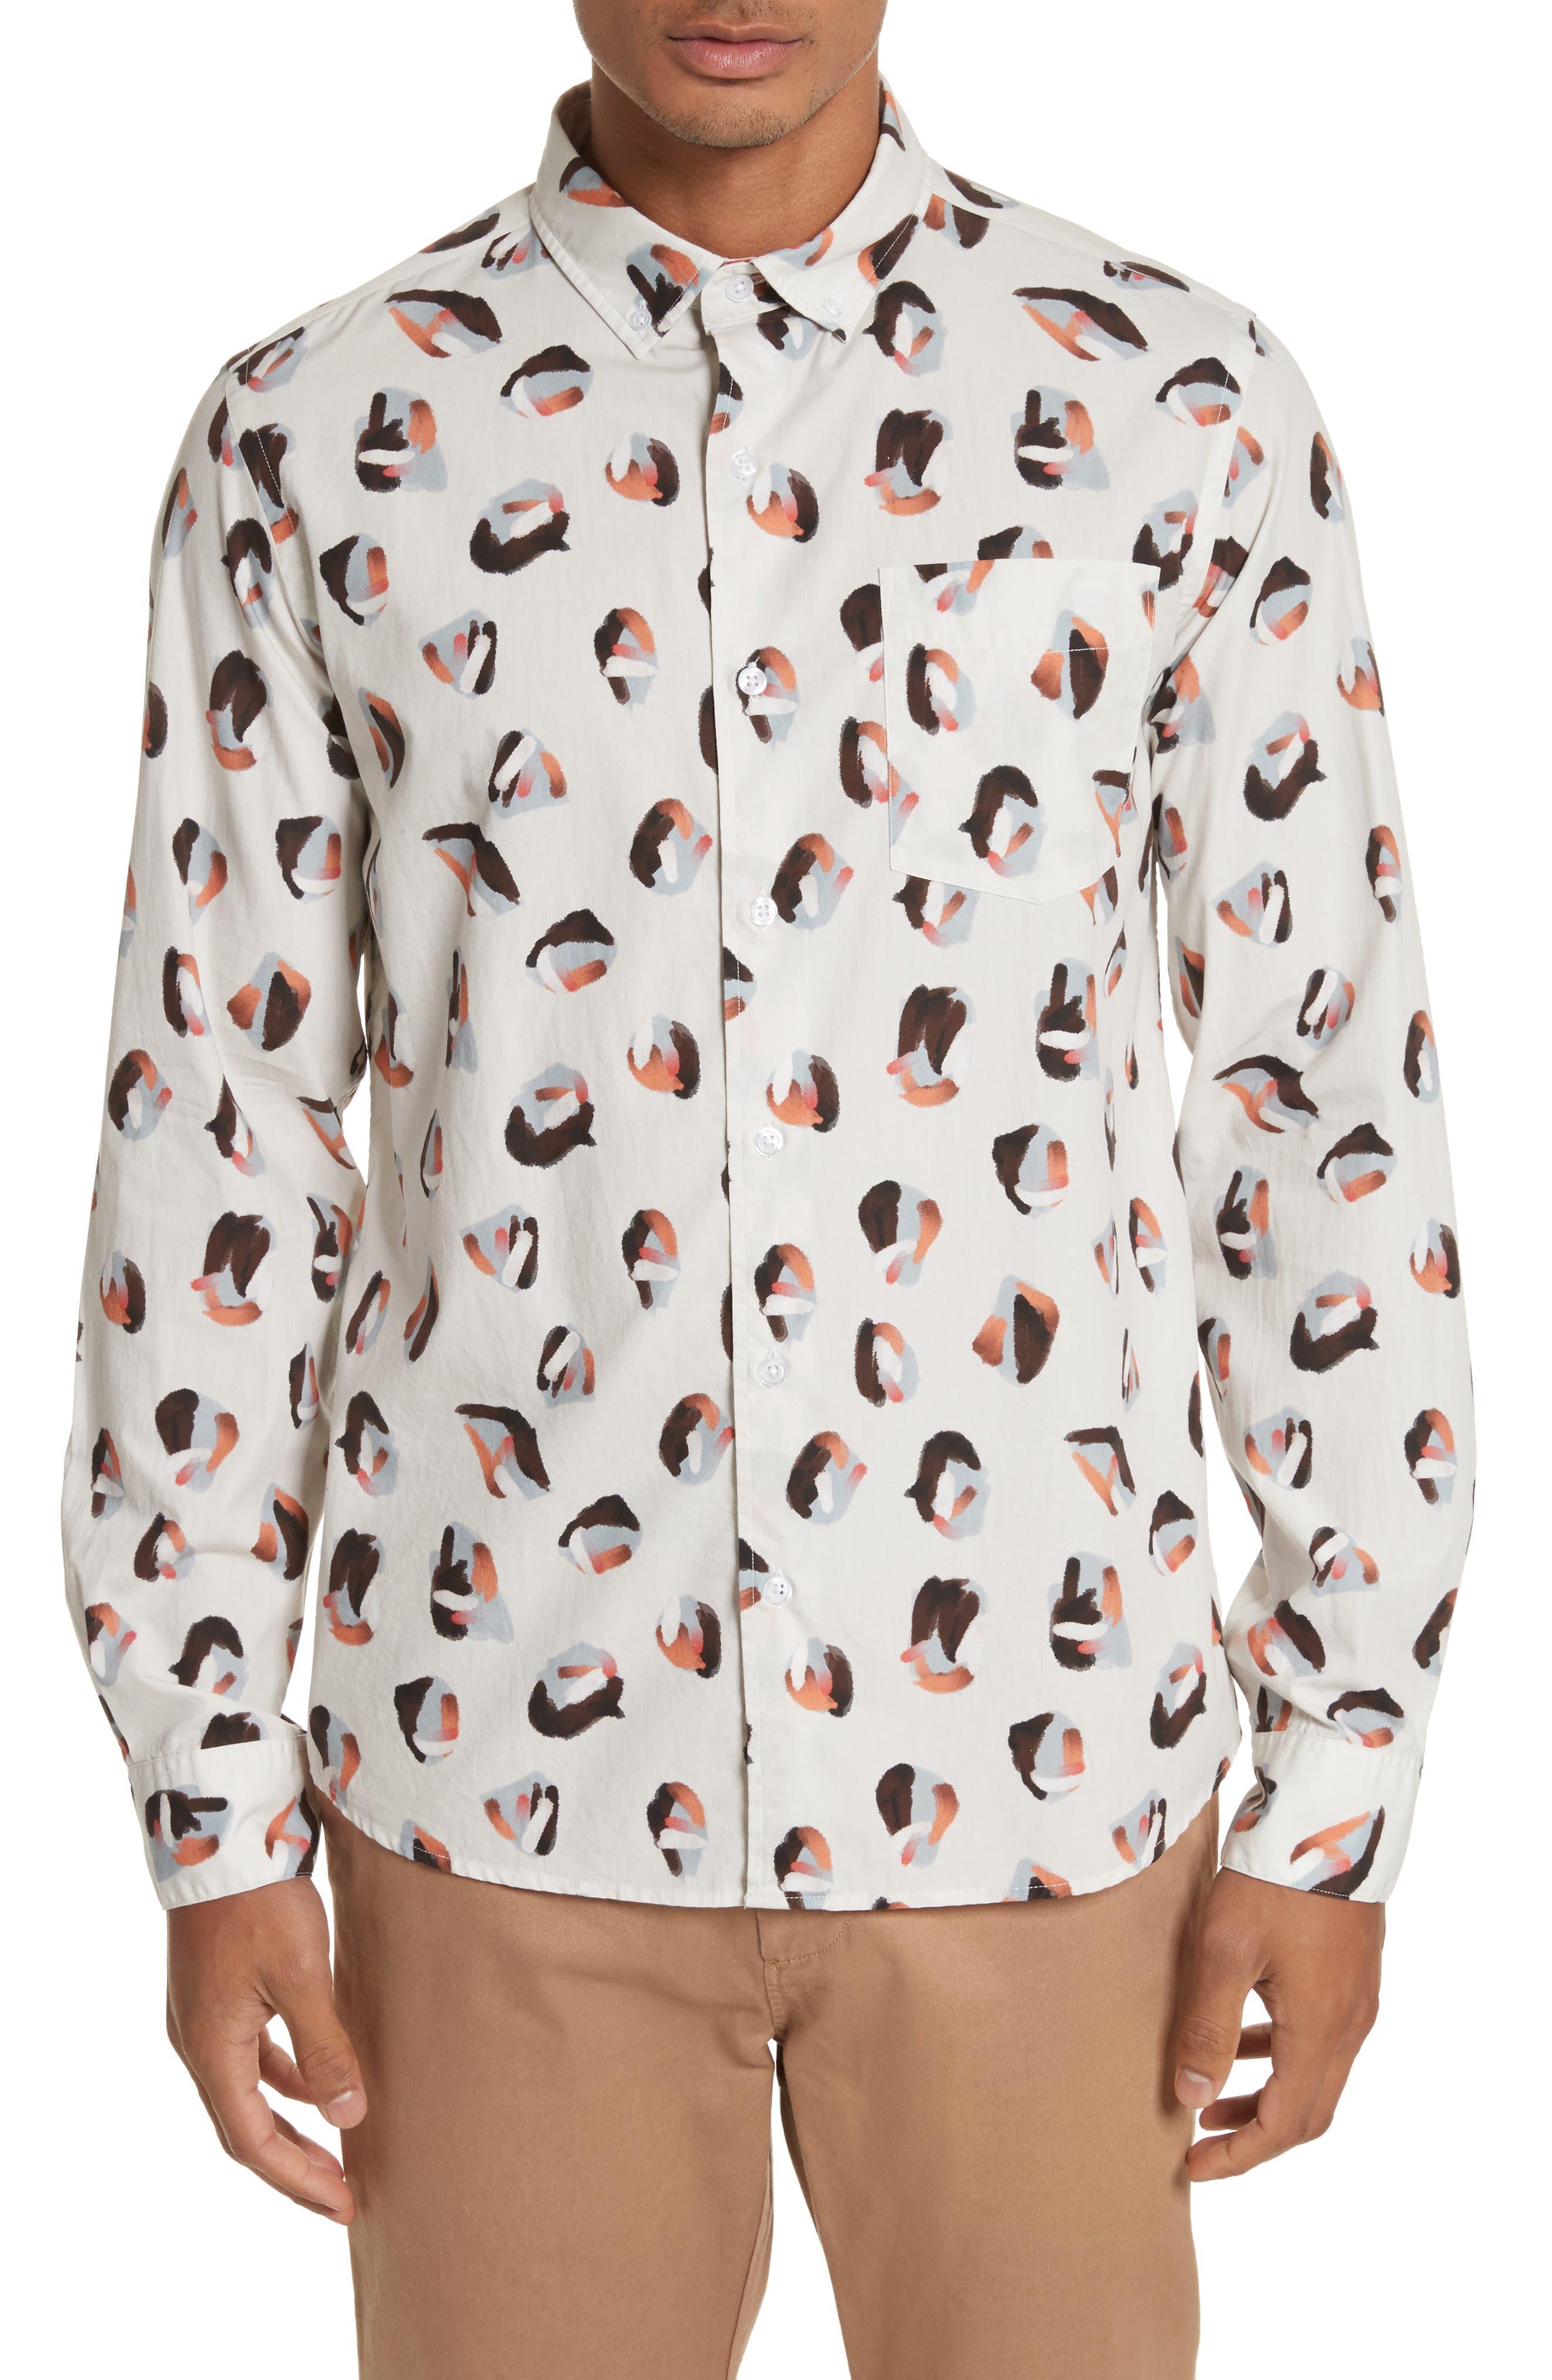 Main Image - Saturdays NYC Crosby Spots Woven Shirt